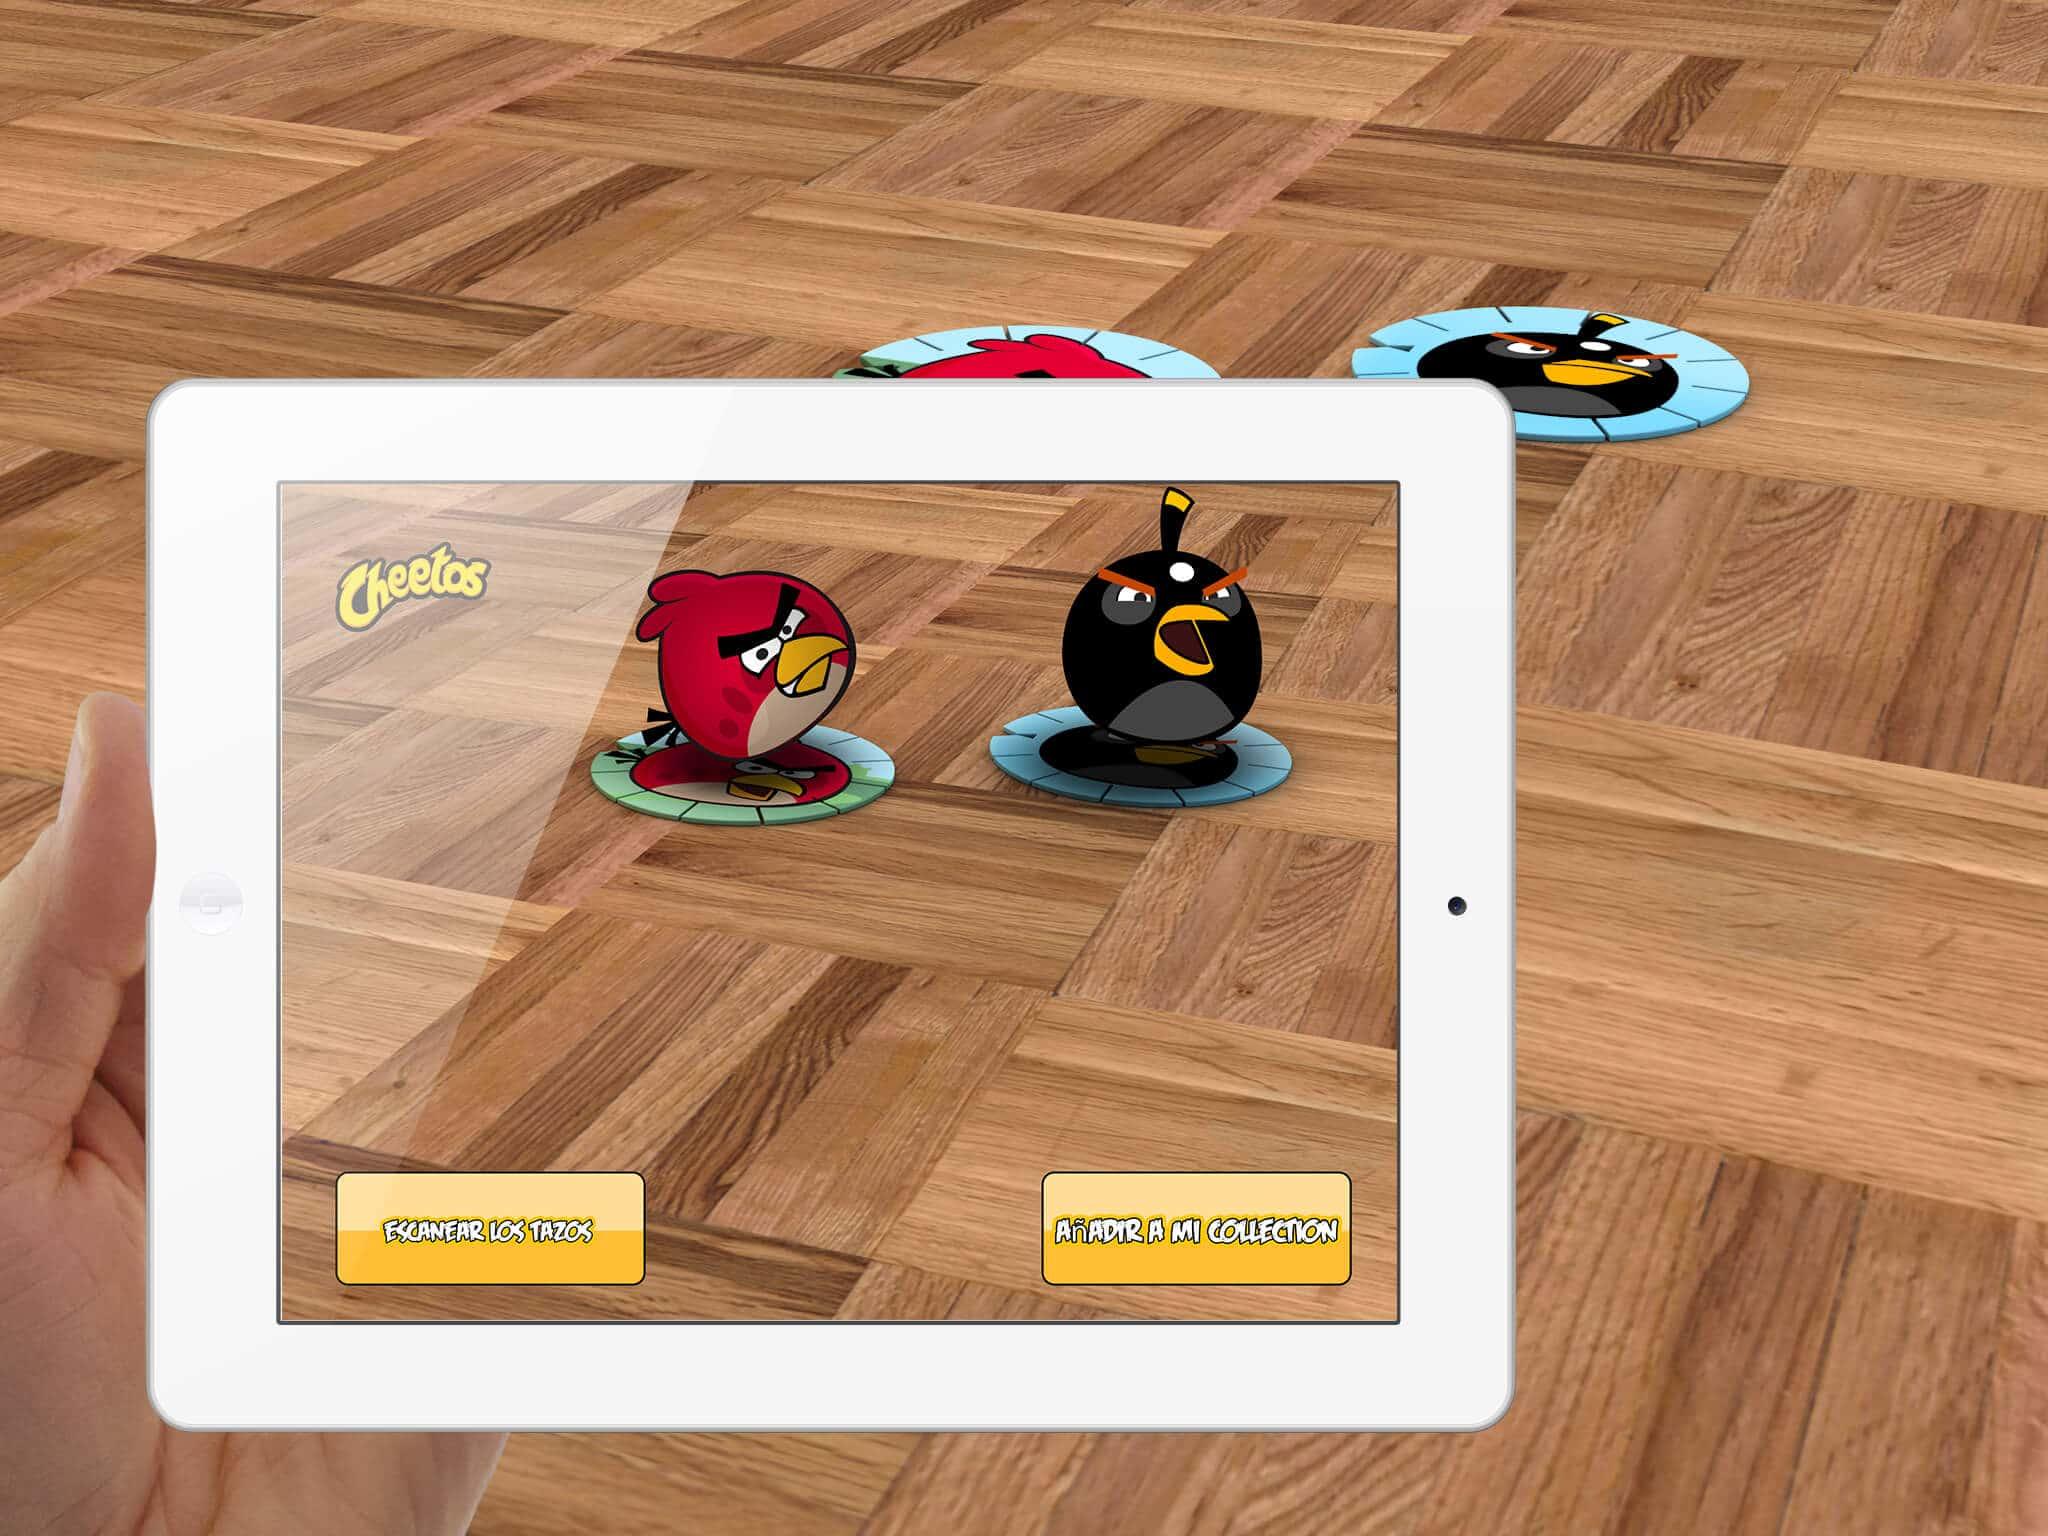 Juego en realidad aumentada Cheetos Angry Birds